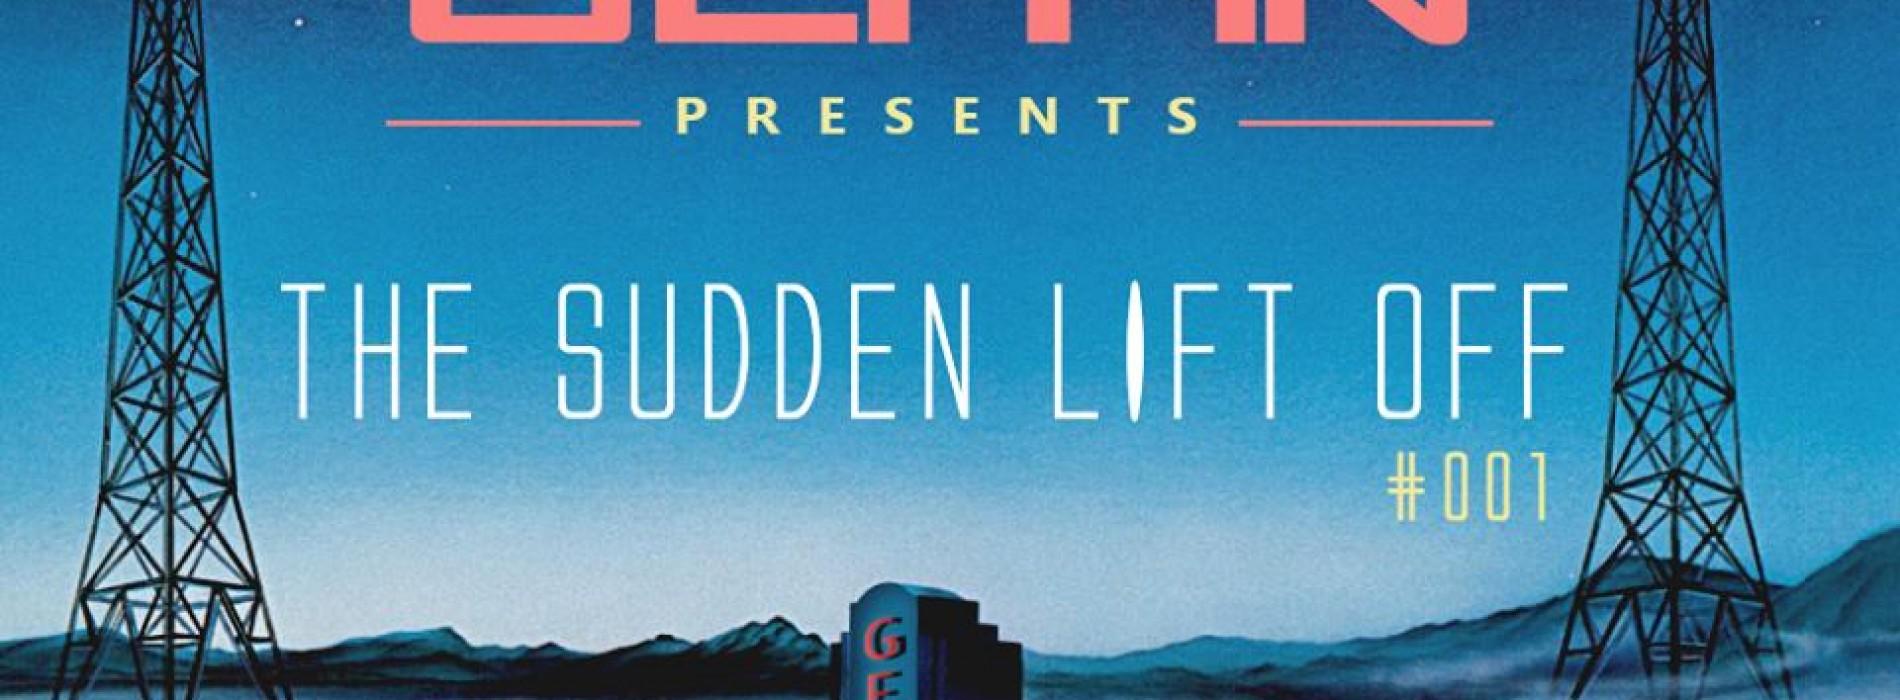 G E H A N – The Sudden Lift Off – #001